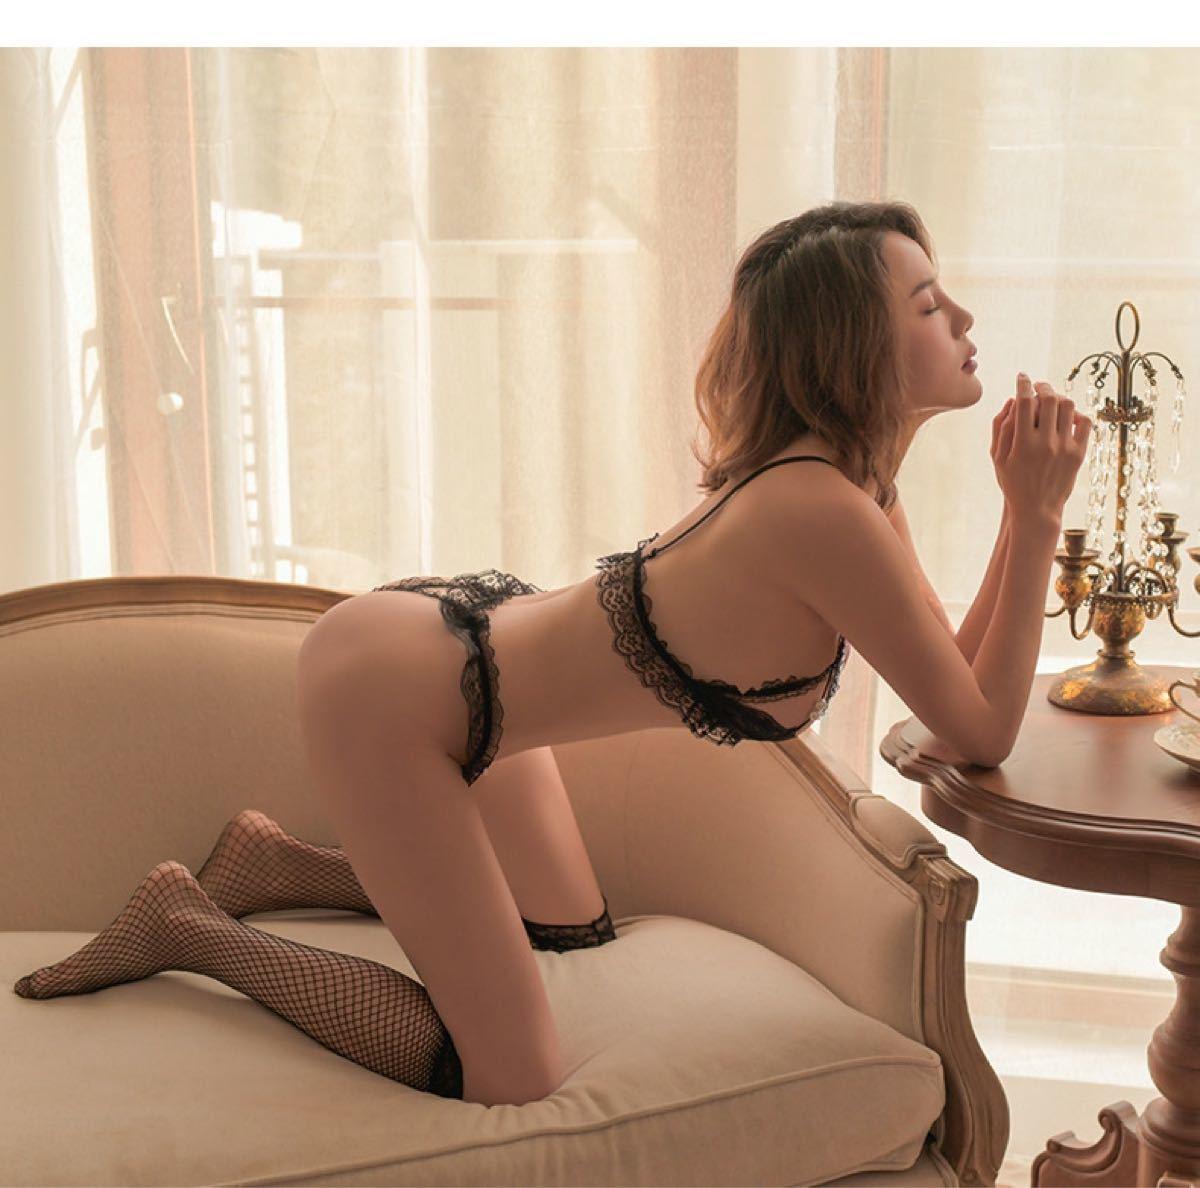 過激 セクシーランジェリー ベビードール シースルー エロ可愛い コスプレ♪♪誘惑胸綺麗見せる超可愛いストッキング付きコスプレ